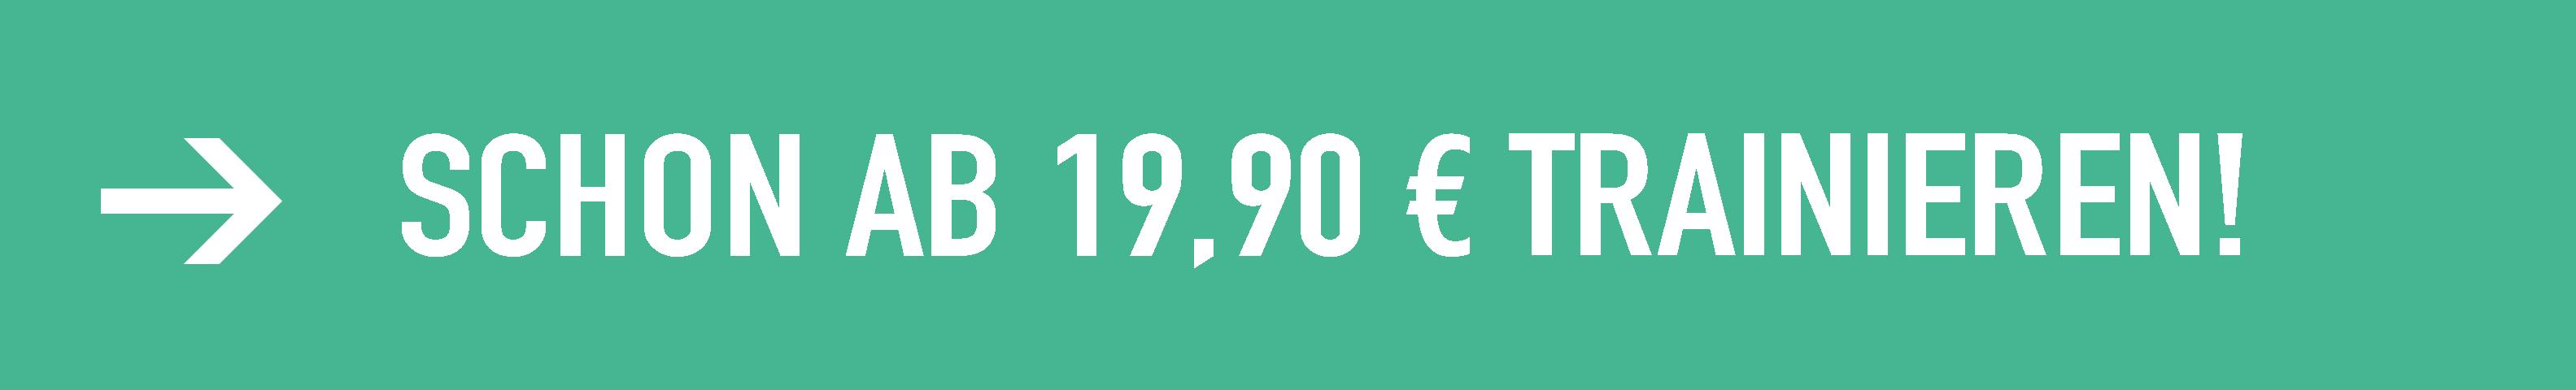 EMS Strom Training in Hamburg Günstig schon ab 19,90€